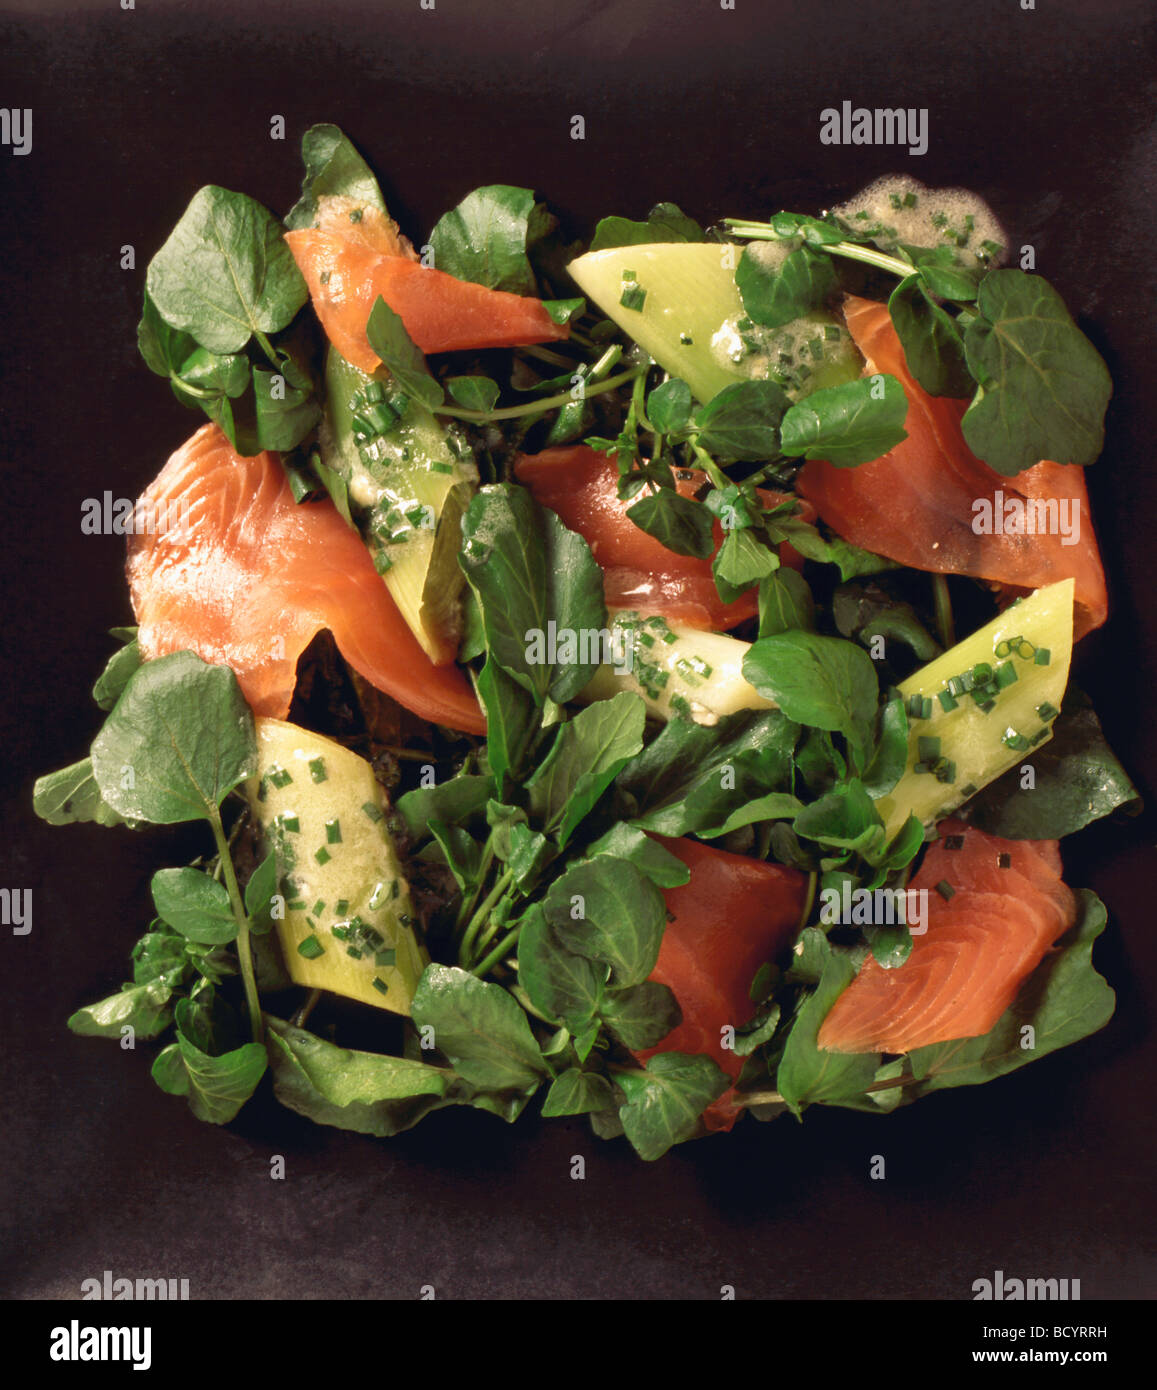 - Comida de berros y ensalada de salmón Imagen De Stock